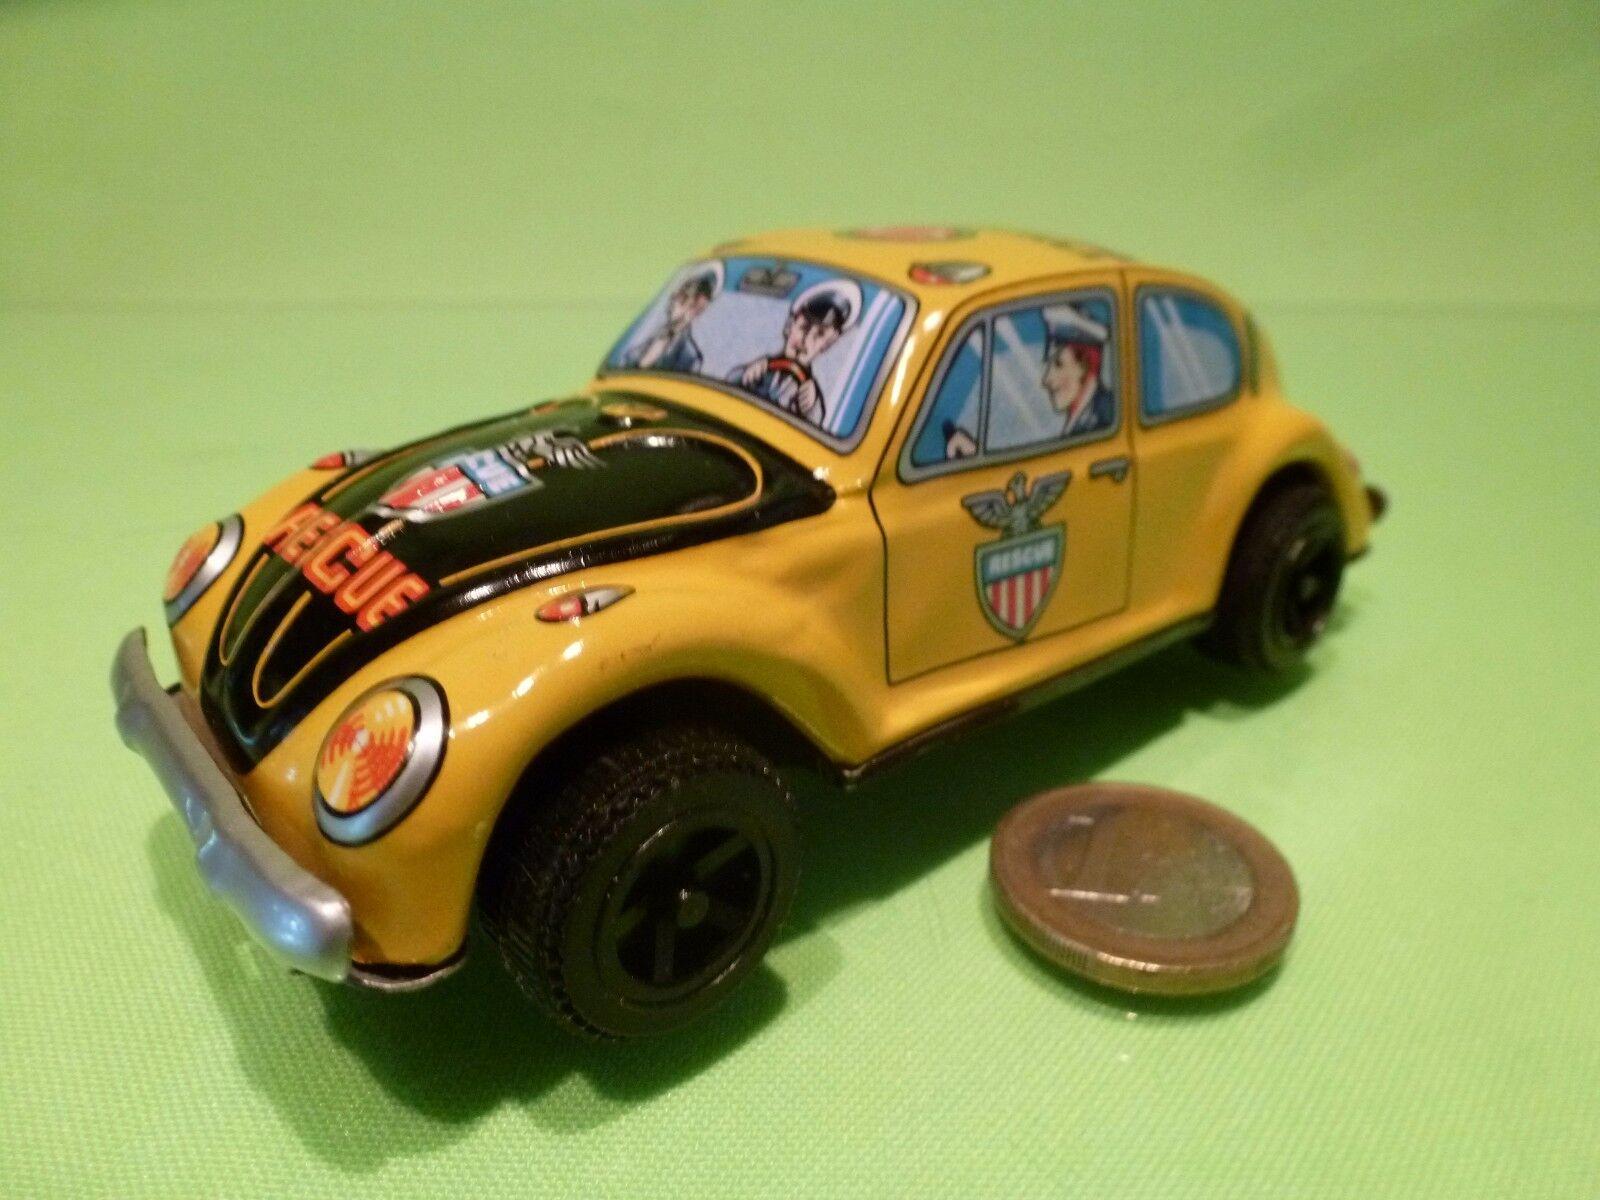 TIN TOYS JAPAN ER207 VW VOLKSWAGEN BEETLE RESCUE - POLICE - L13.0cm - FRICTION